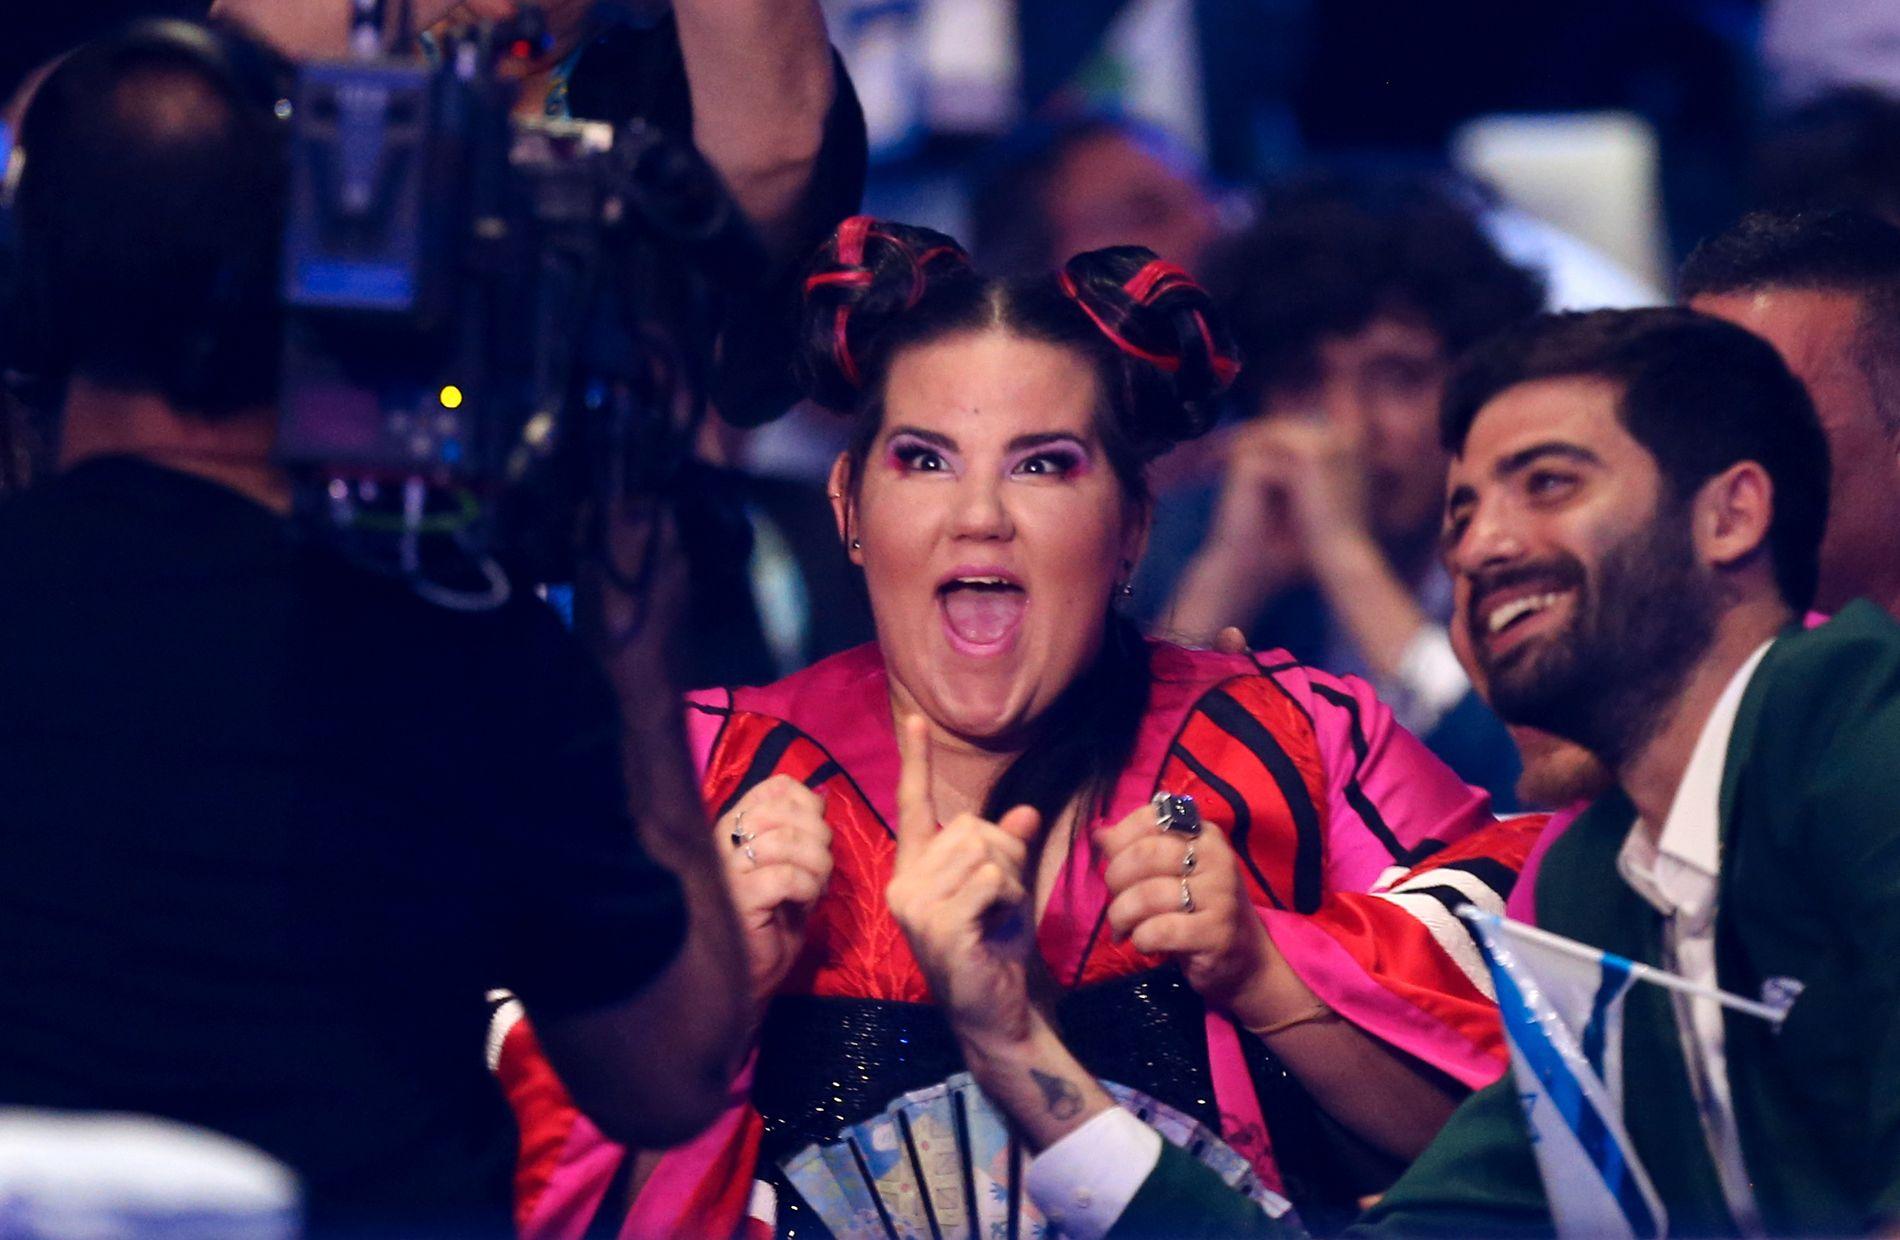 VINNERFJESET: Slik så Netta Barzilai da seieren var et faktum.